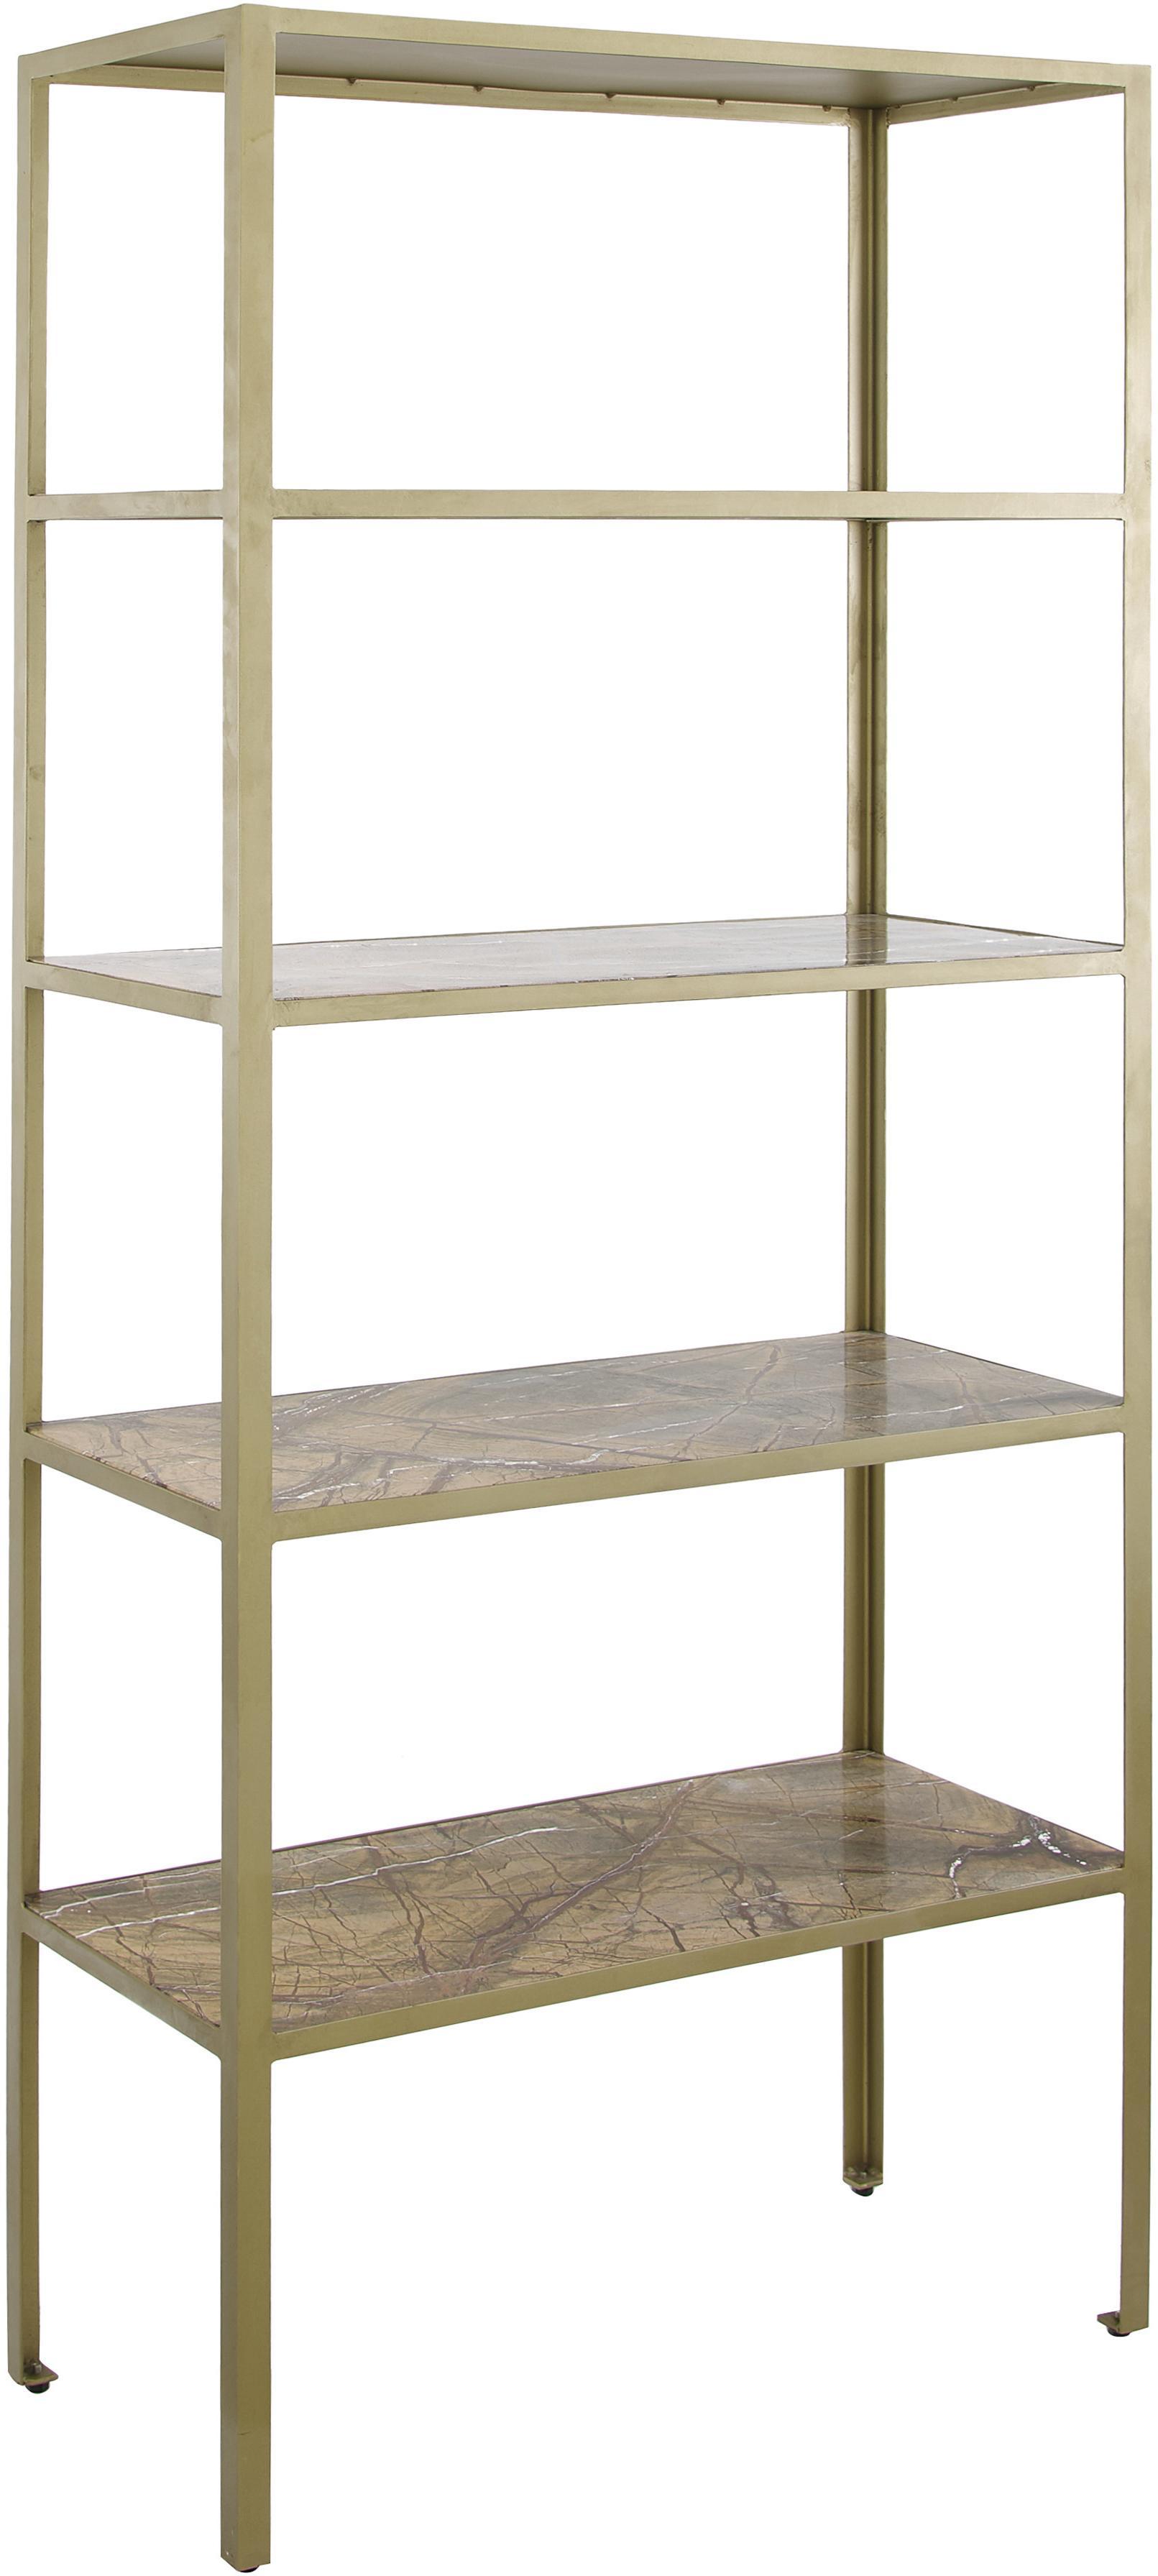 Libreria in marmo Jungle, Struttura: angoli metallici aperti i, Ripiani: marmo Bidasar, solido, Dorato, marrone, Larg. 75 x Alt. 180 cm